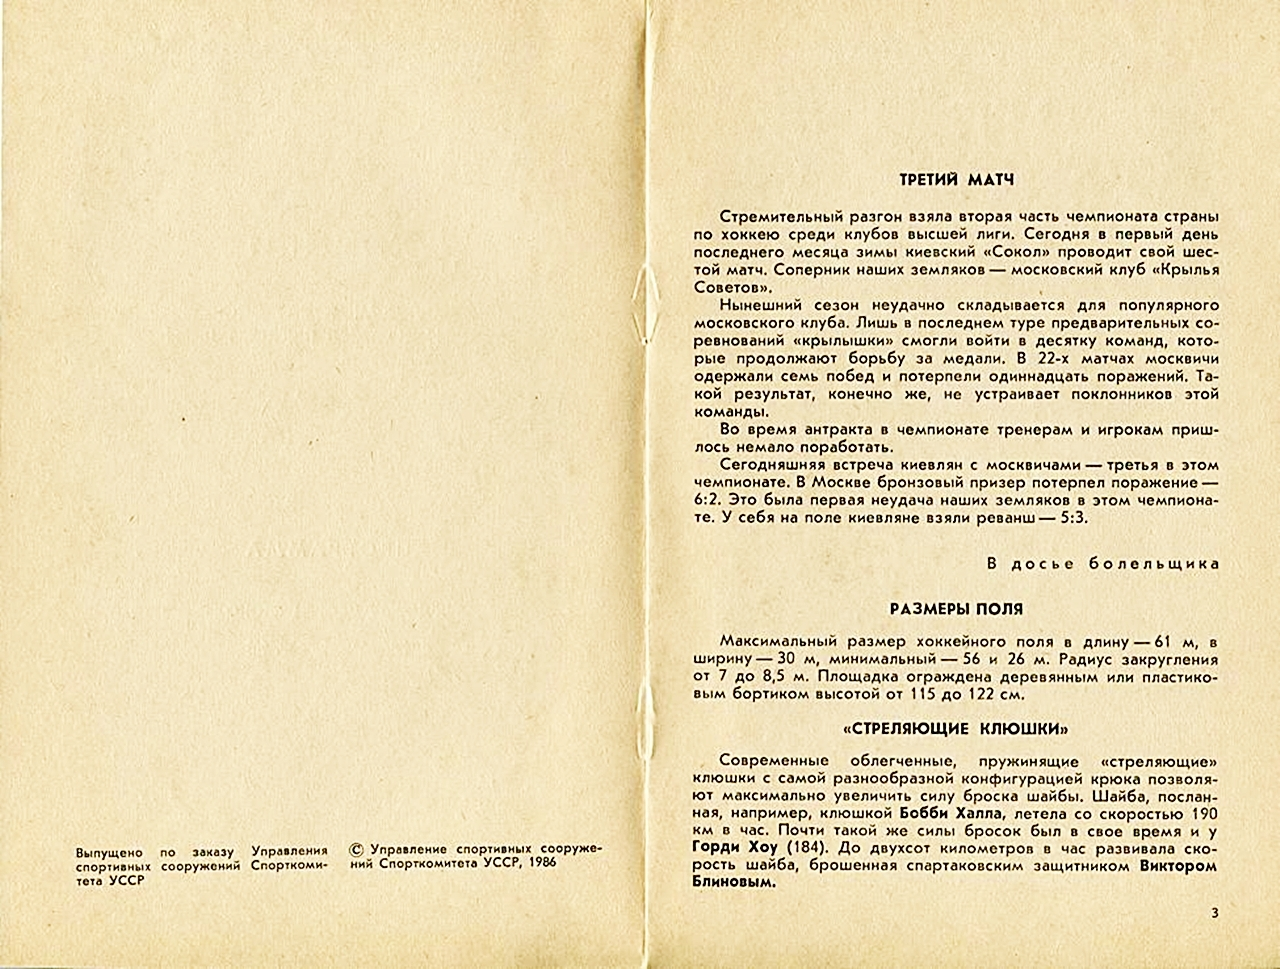 85-86-3.jpg